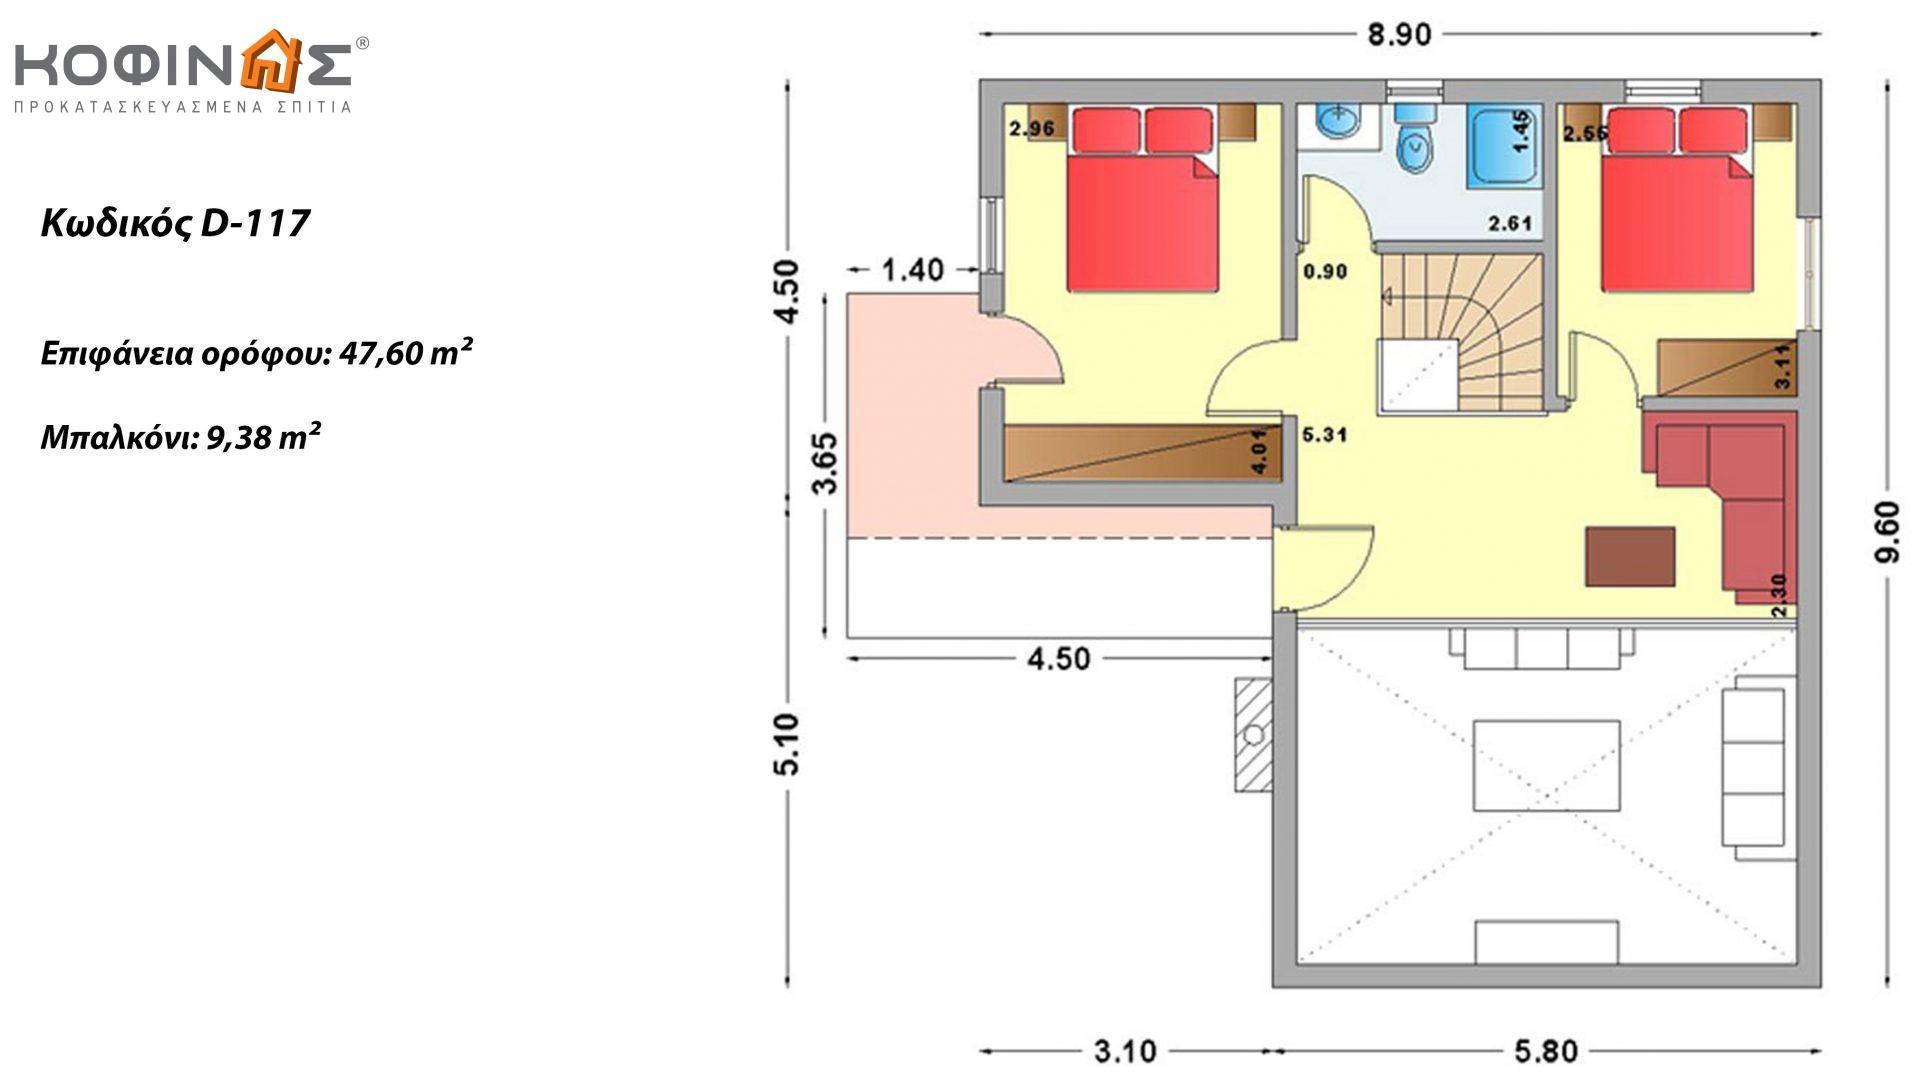 Διώροφη Κατοικία D-117, συνολικής επιφάνειας 117,20 τ.μ. , συνολική επιφάνεια στεγασμένων χώρων 25.45 τ.μ., μπαλκόνια 9.38 τ.μ.